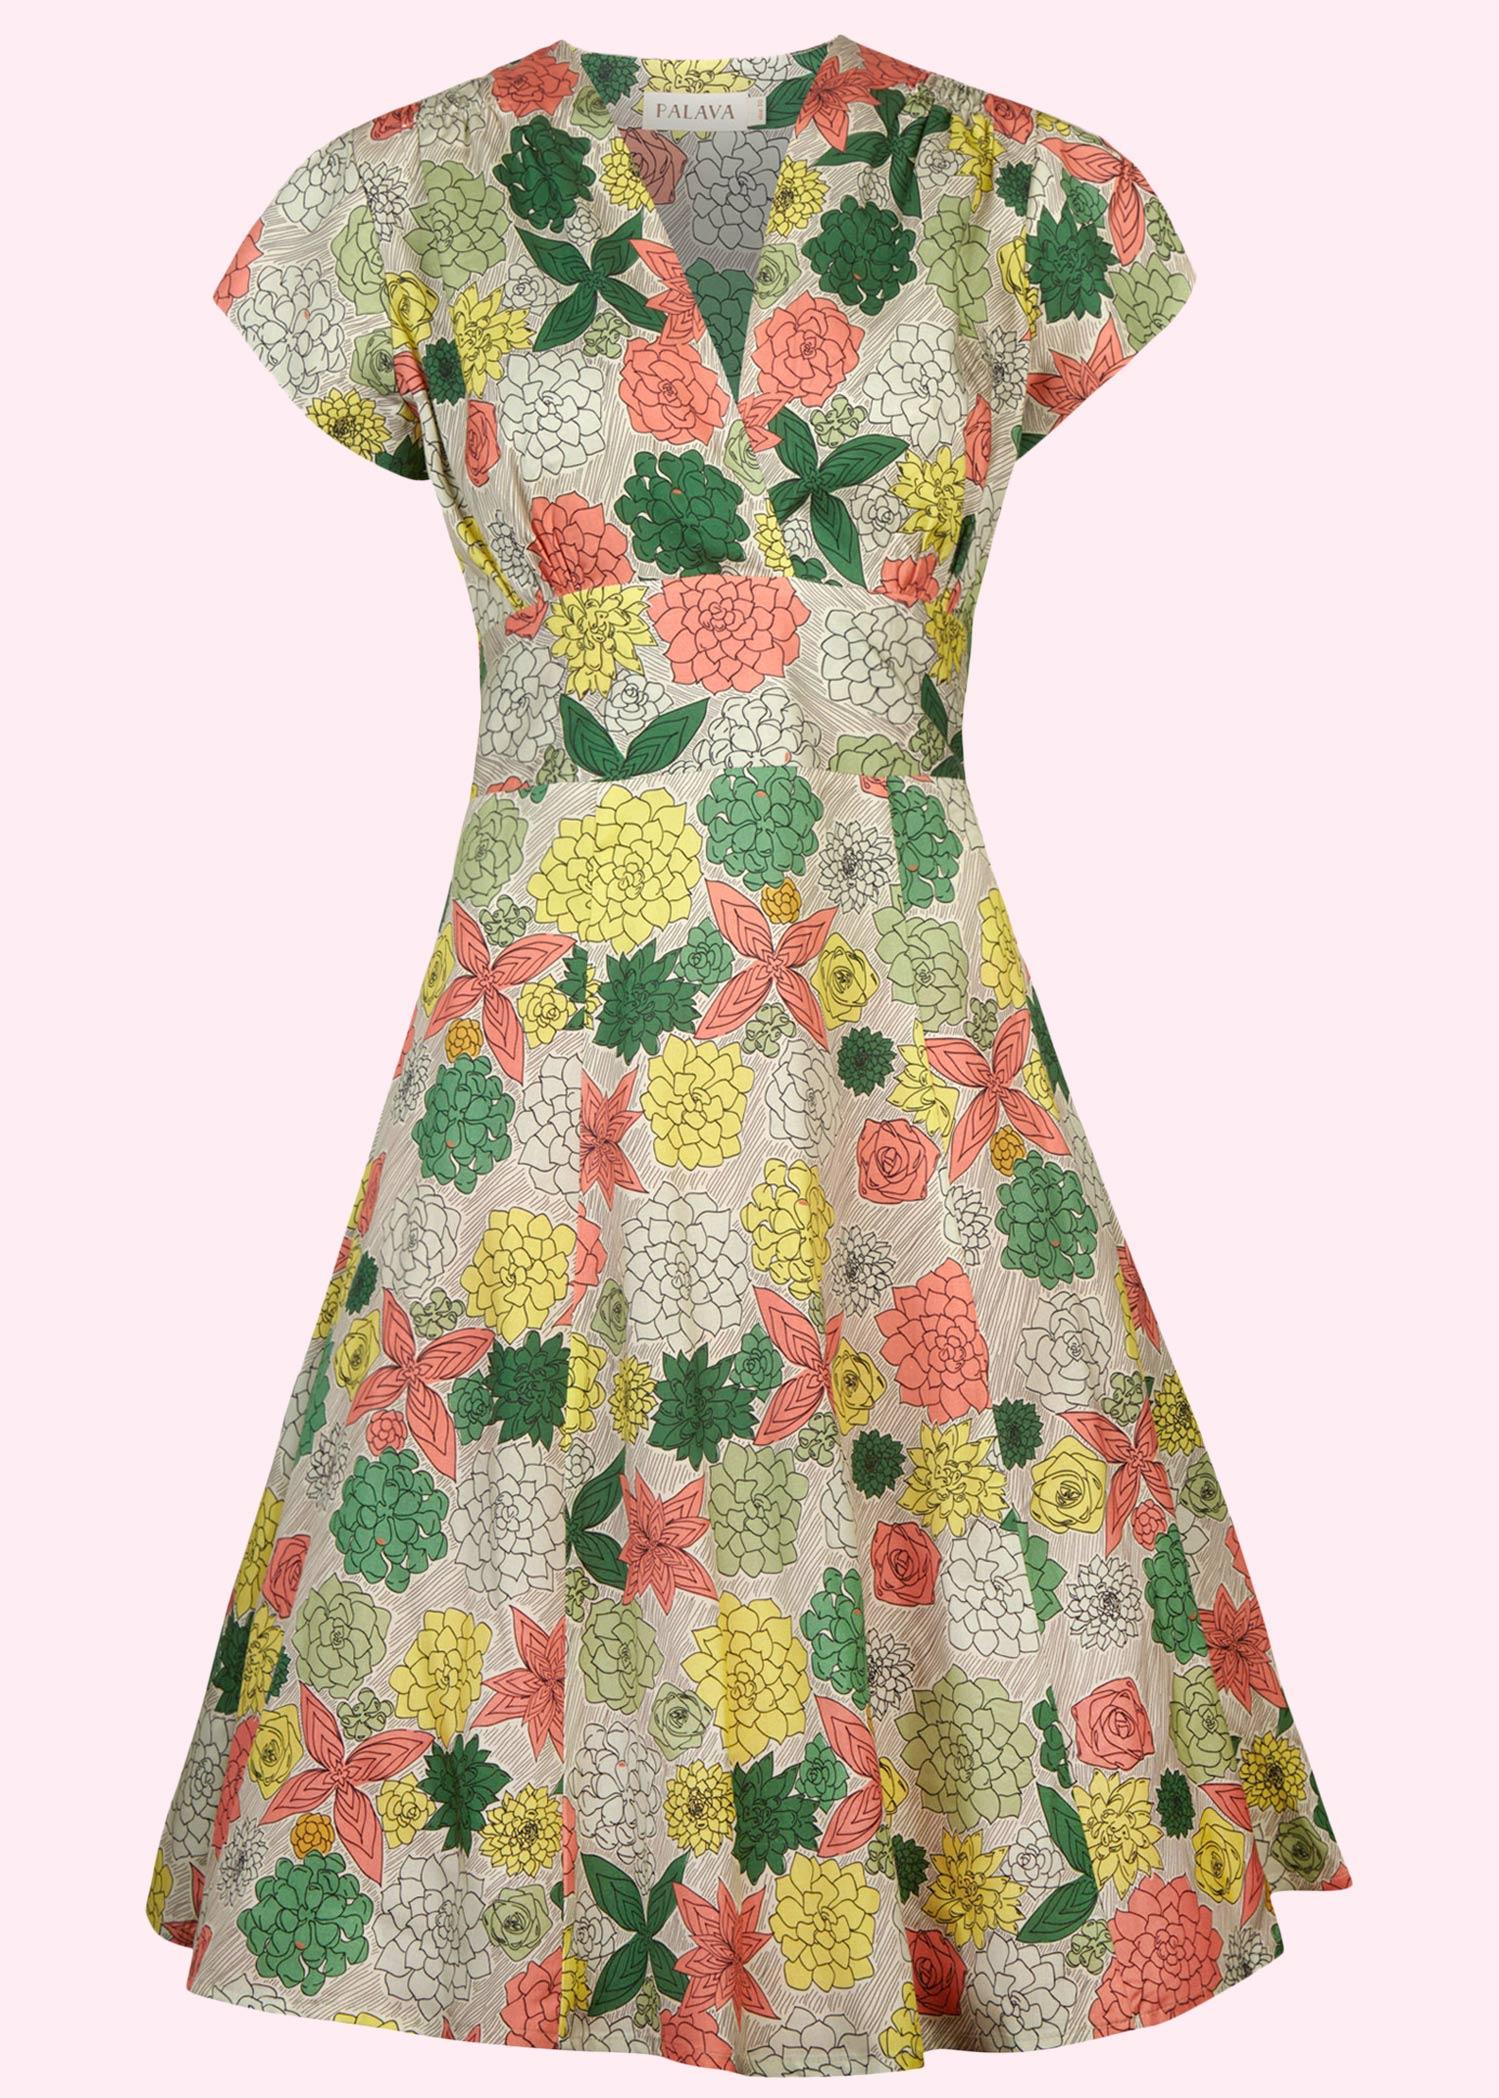 Rita kjole fra Palava i Retro print med blomster